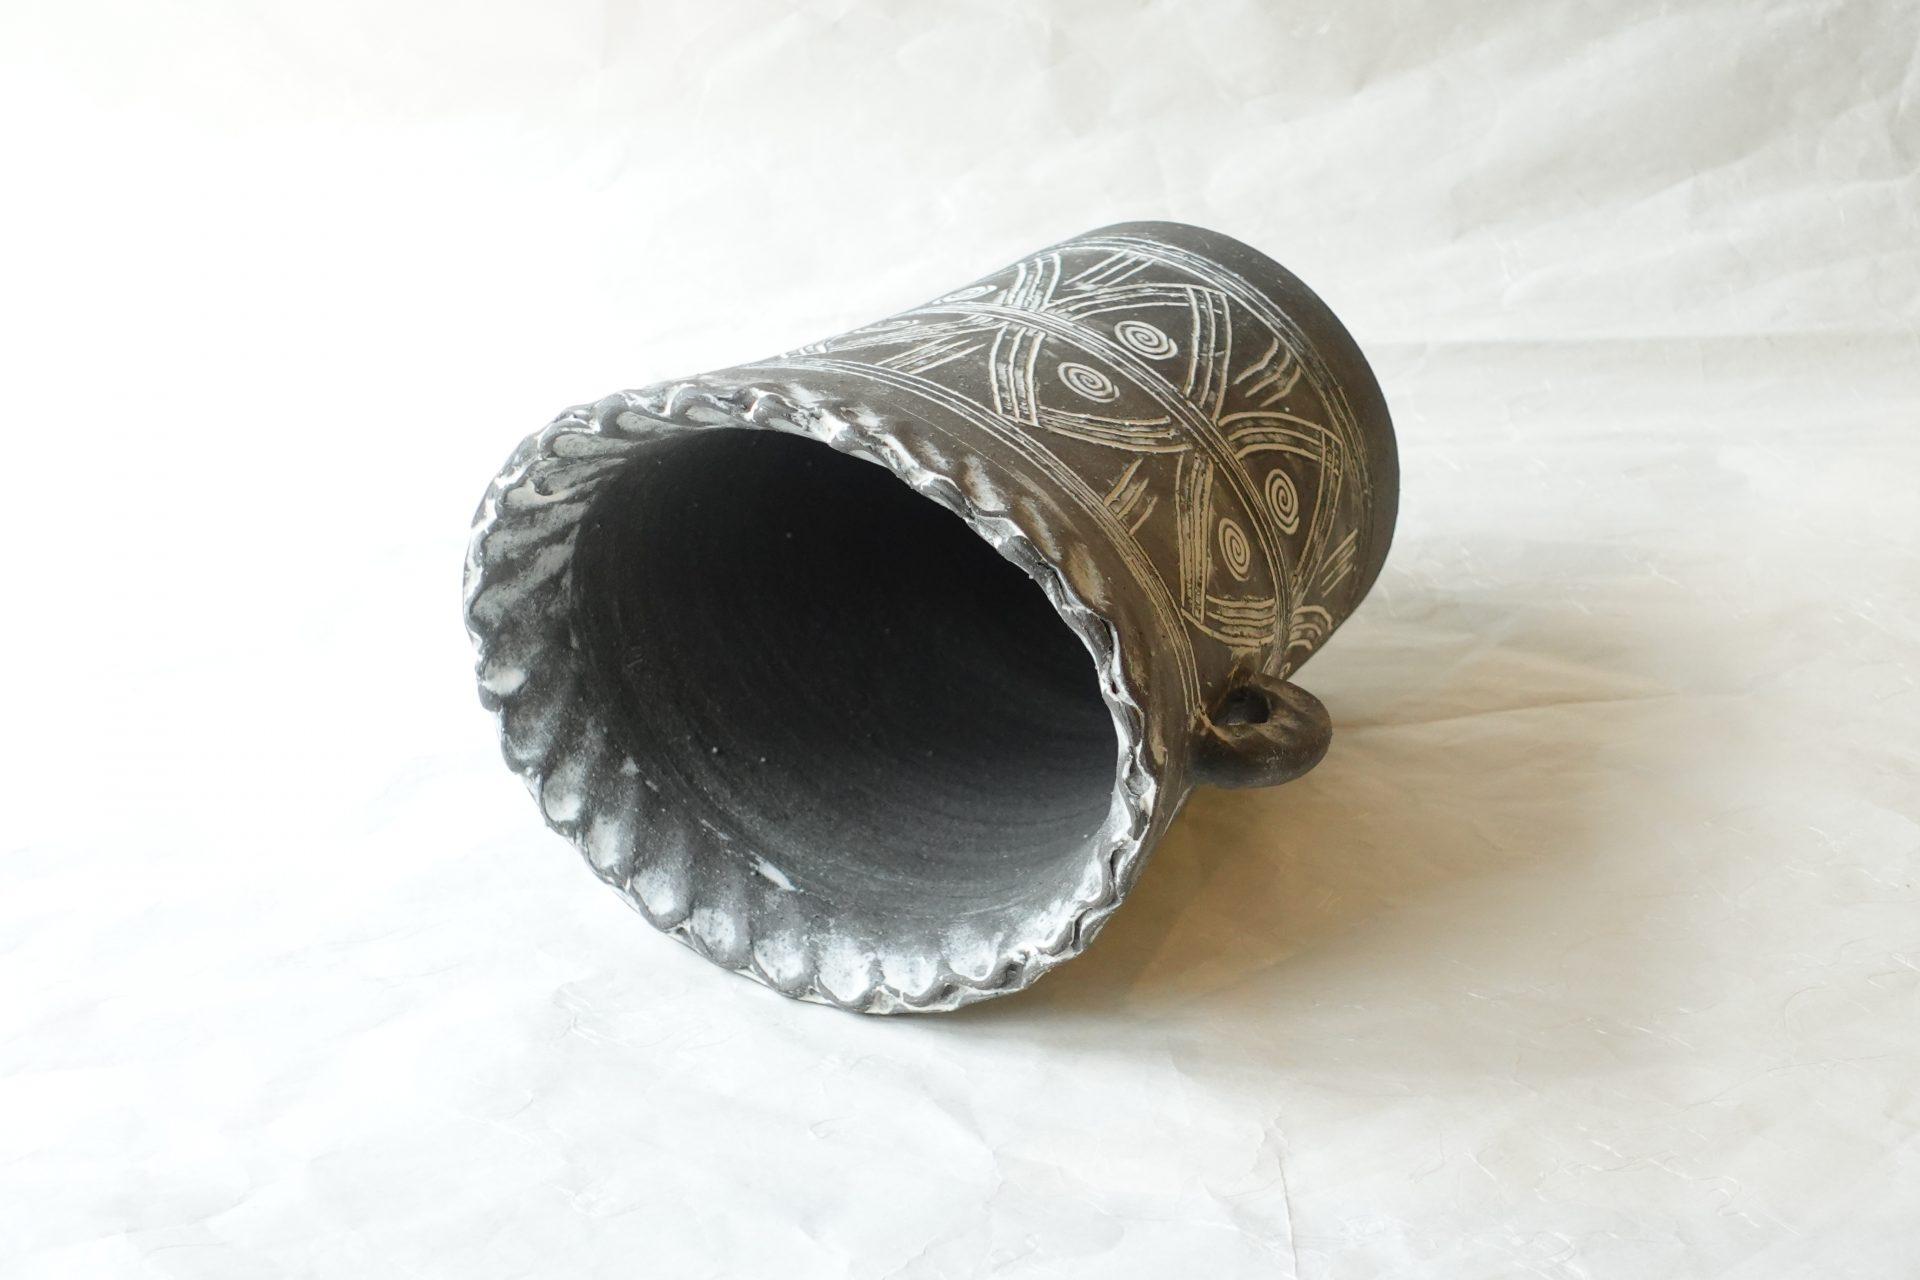 陶器 信楽焼 耳付き 花瓶 アラベスク調 黒土 ろくろ 成形 楕円形 削り 幾何学文 手彫り 古代 中近東 珍しい グレー系の花器 花の色と合う オブジェ 無国籍 おしゃれな花器